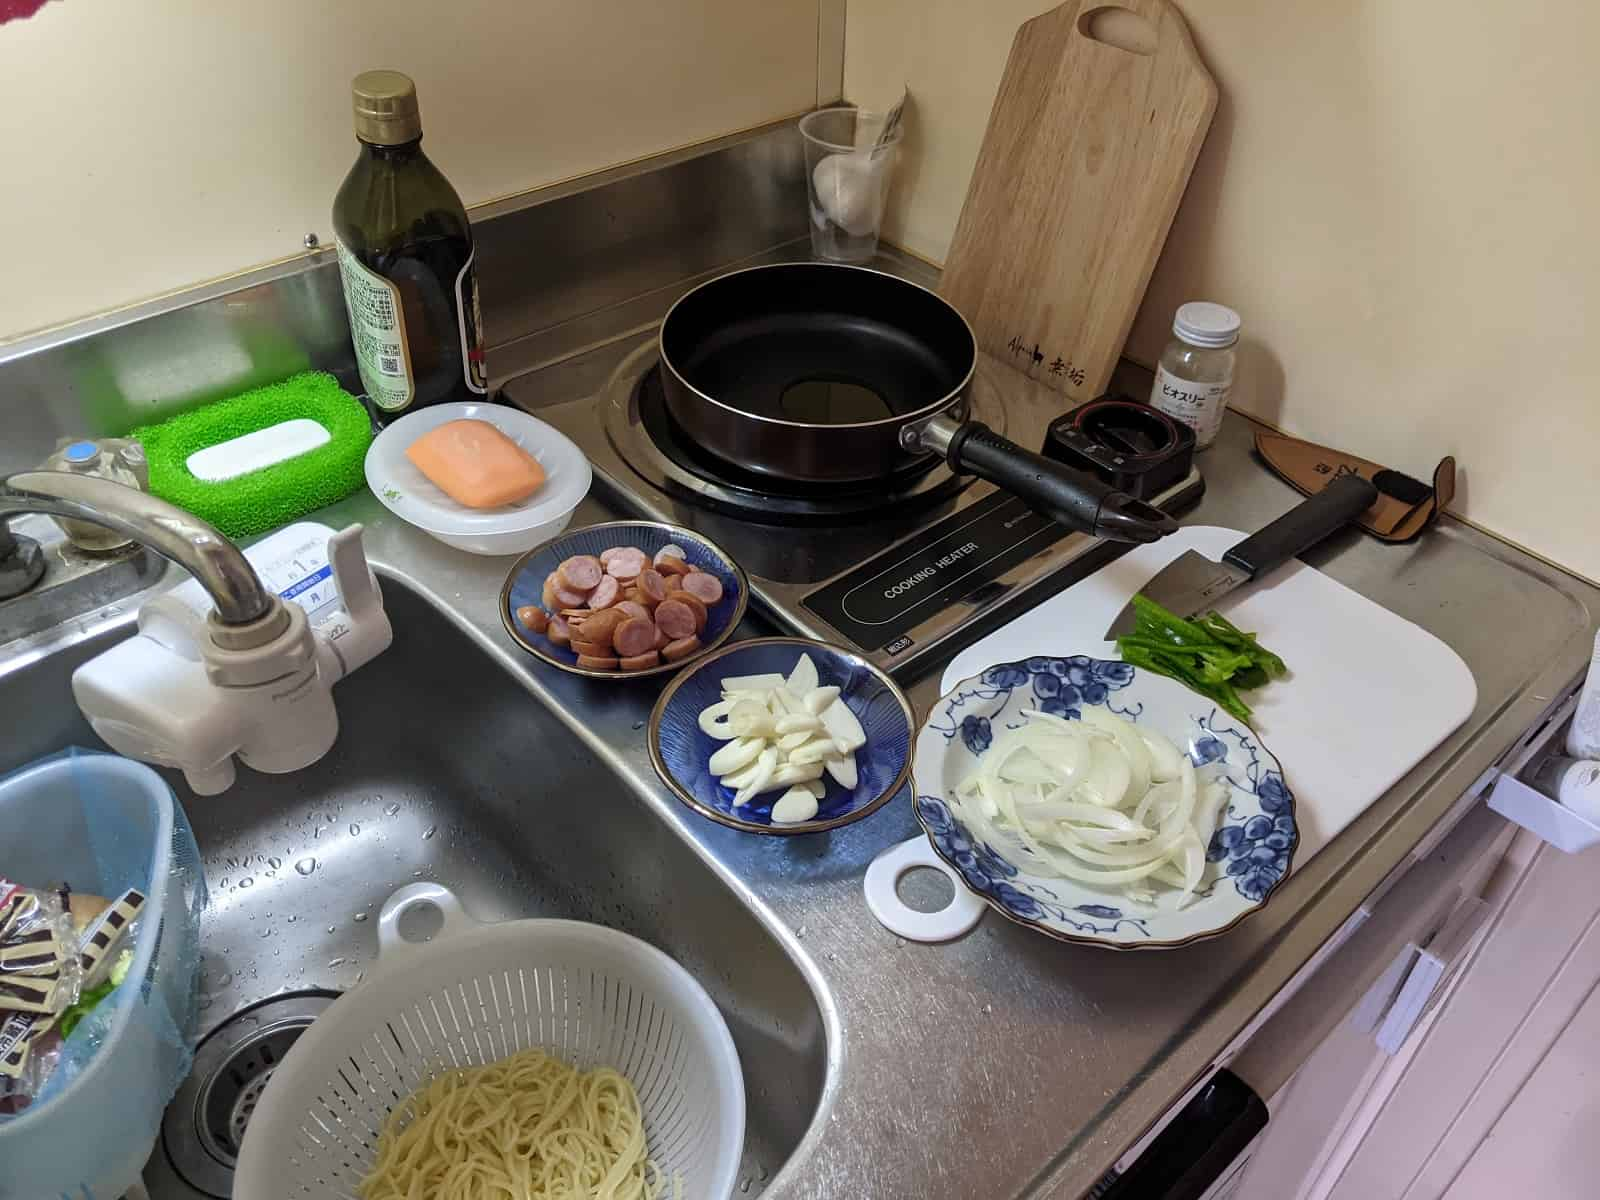 調理中の台所